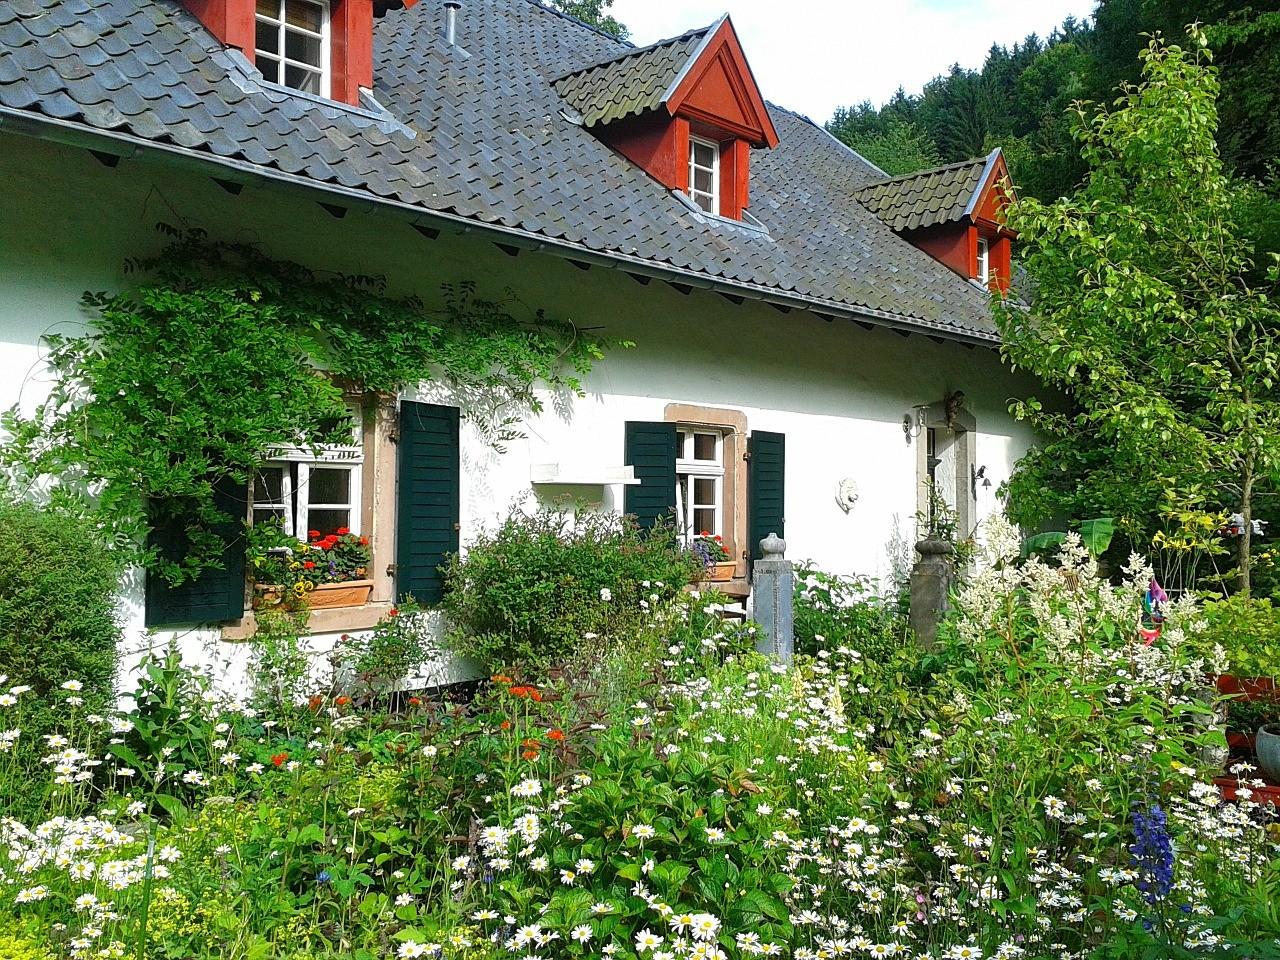 Hilfe bei Gartenpflege und Gartengestaltung in Lüneburg und Hamburg